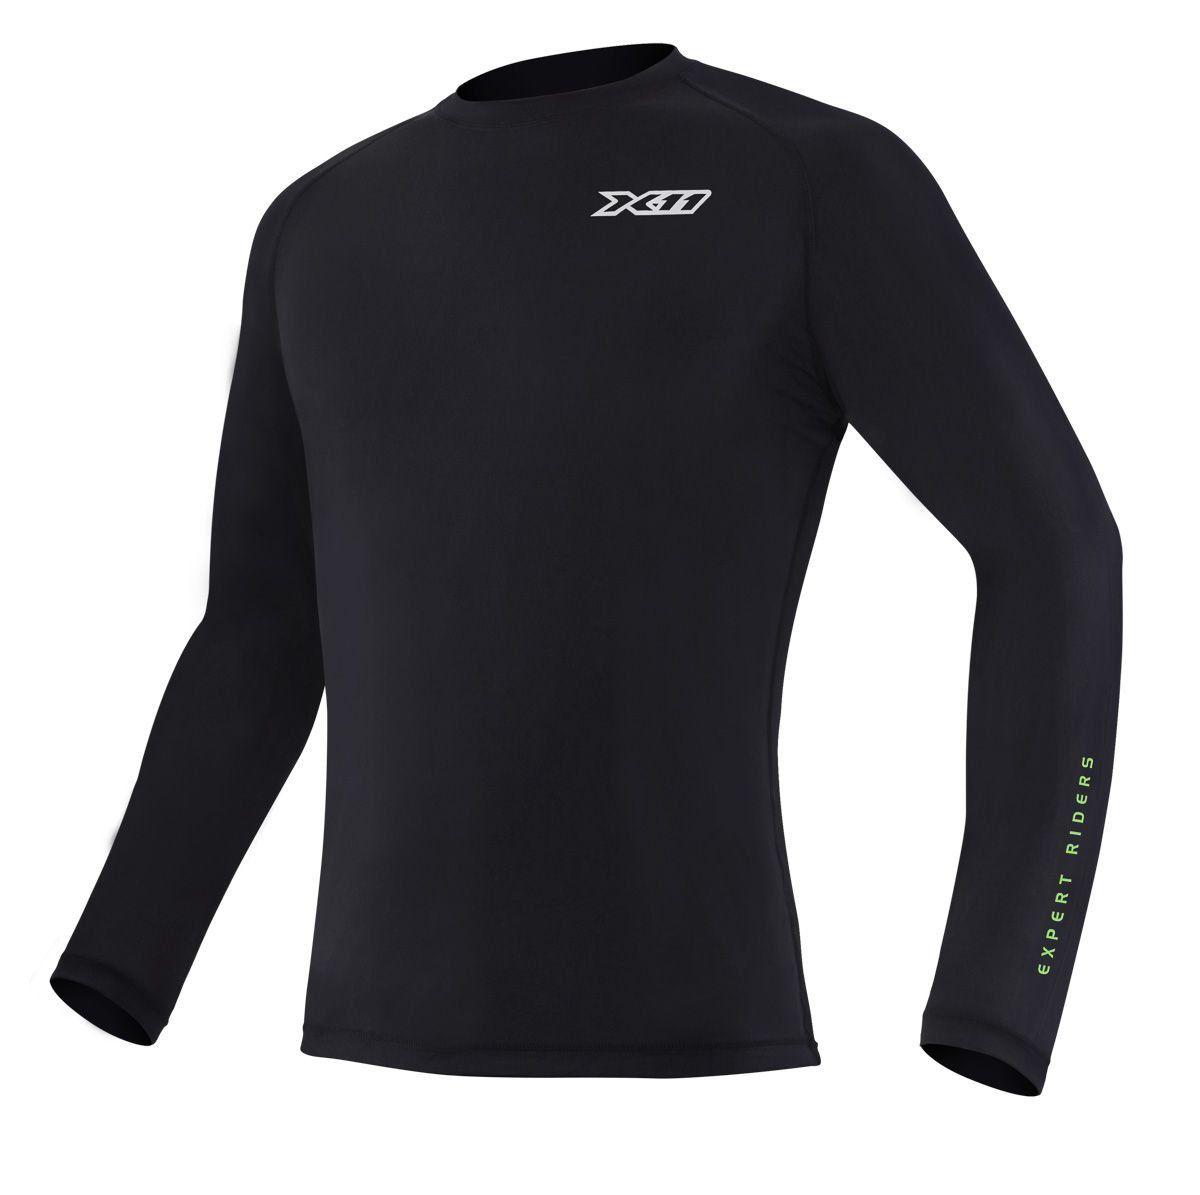 Camiseta Climate 2 X11 Preta Segunda Pele Térmica Motoqueiro Motociclista Ciclista Natação Treino Corrida